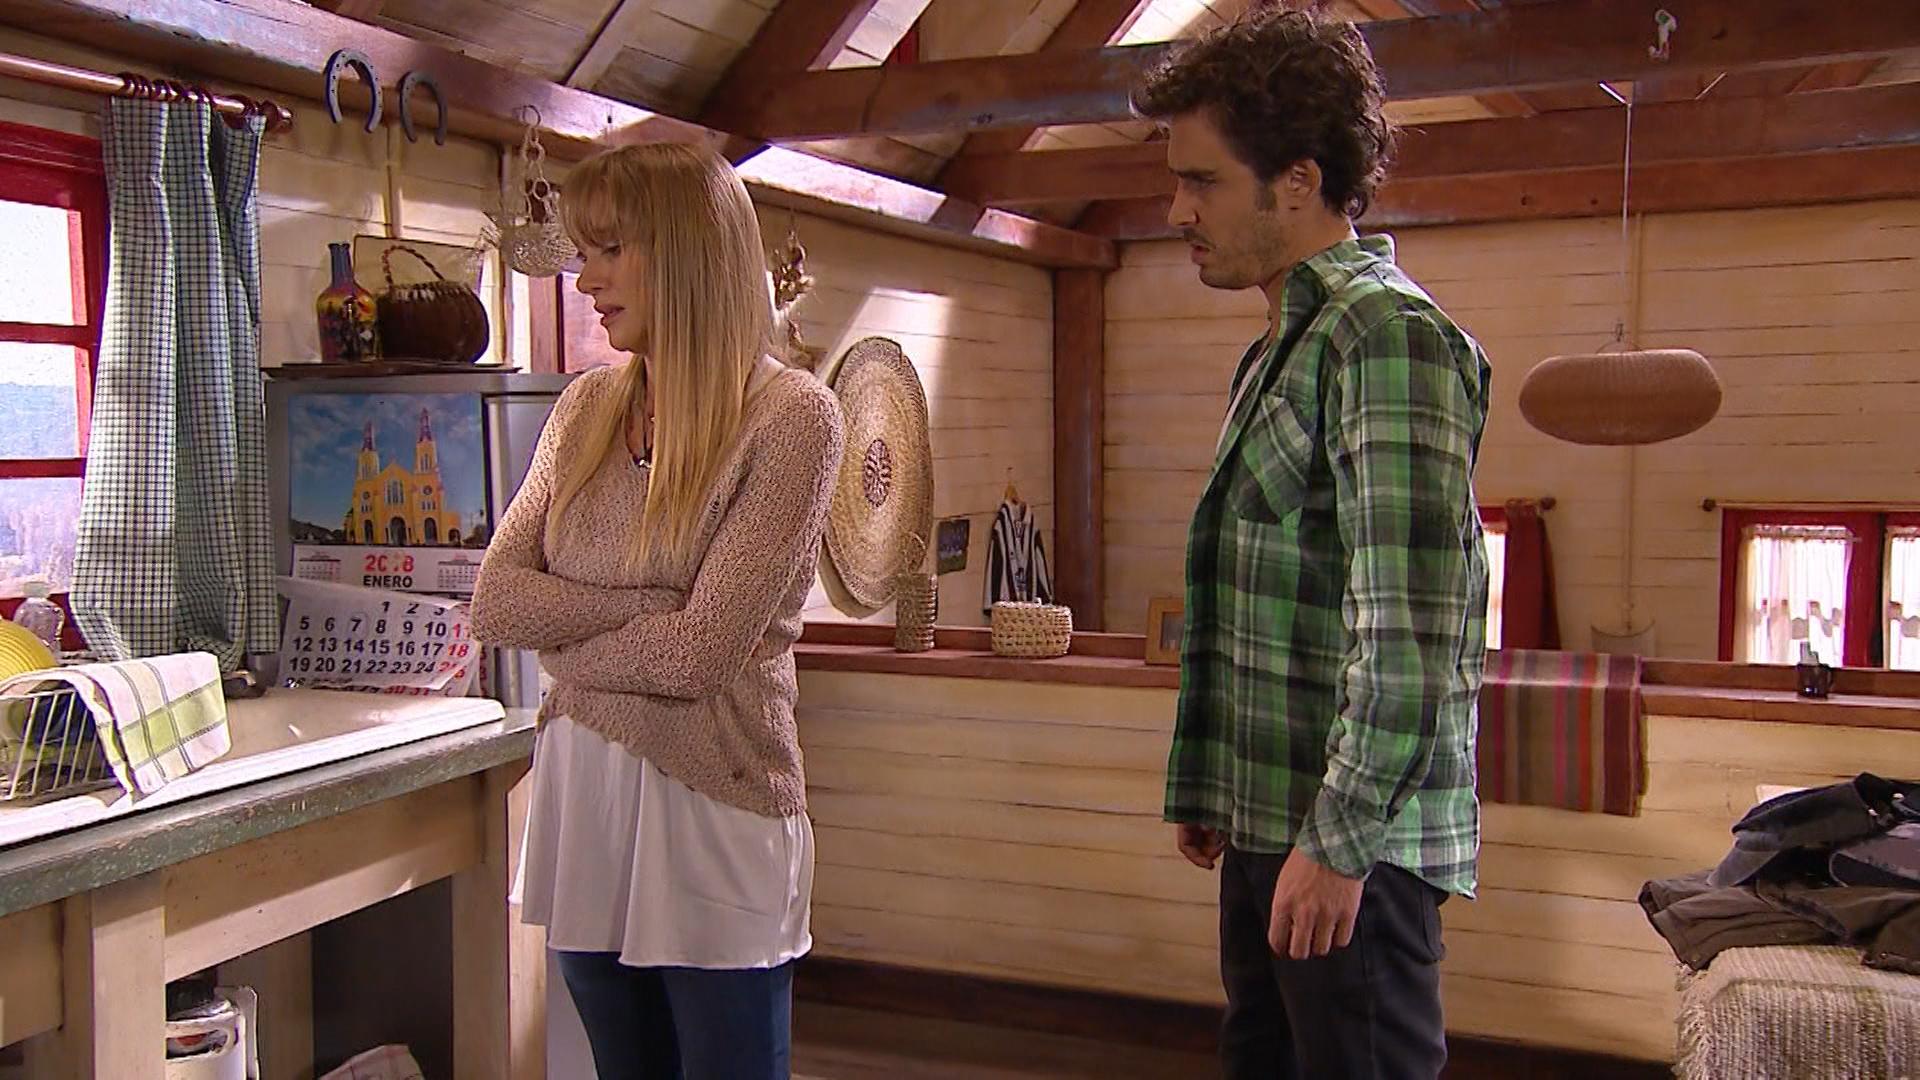 ¿Juliette vuelve a generarle dudas a Franco? - Capítulo 87